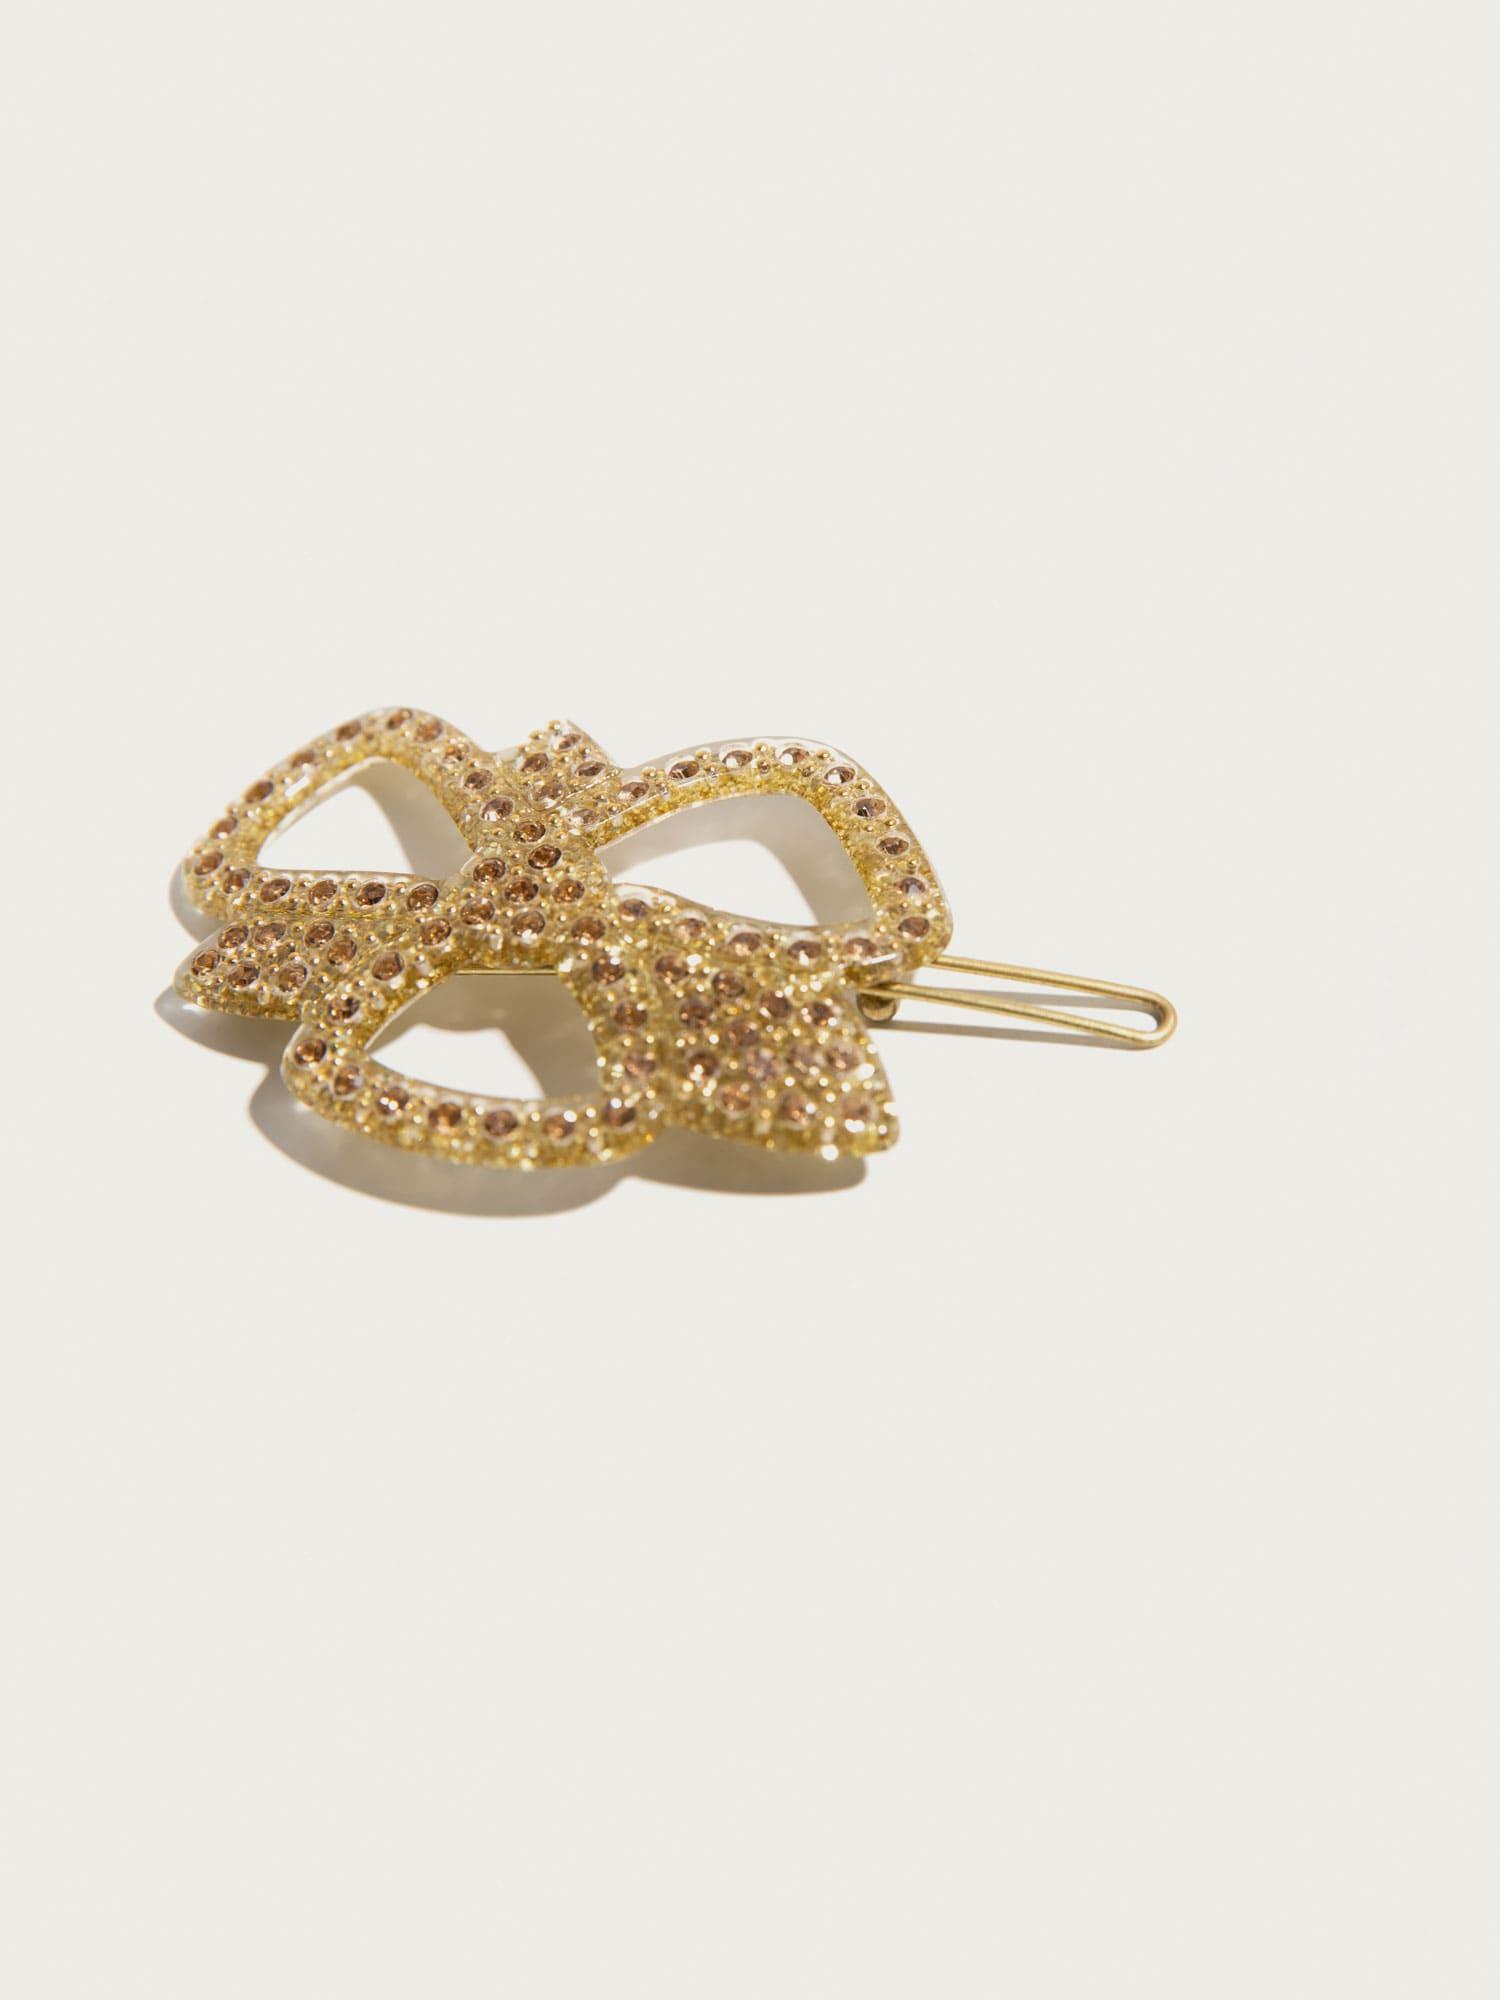 Šperky do vlasů Ribbon  zlatá Pico For EDITED